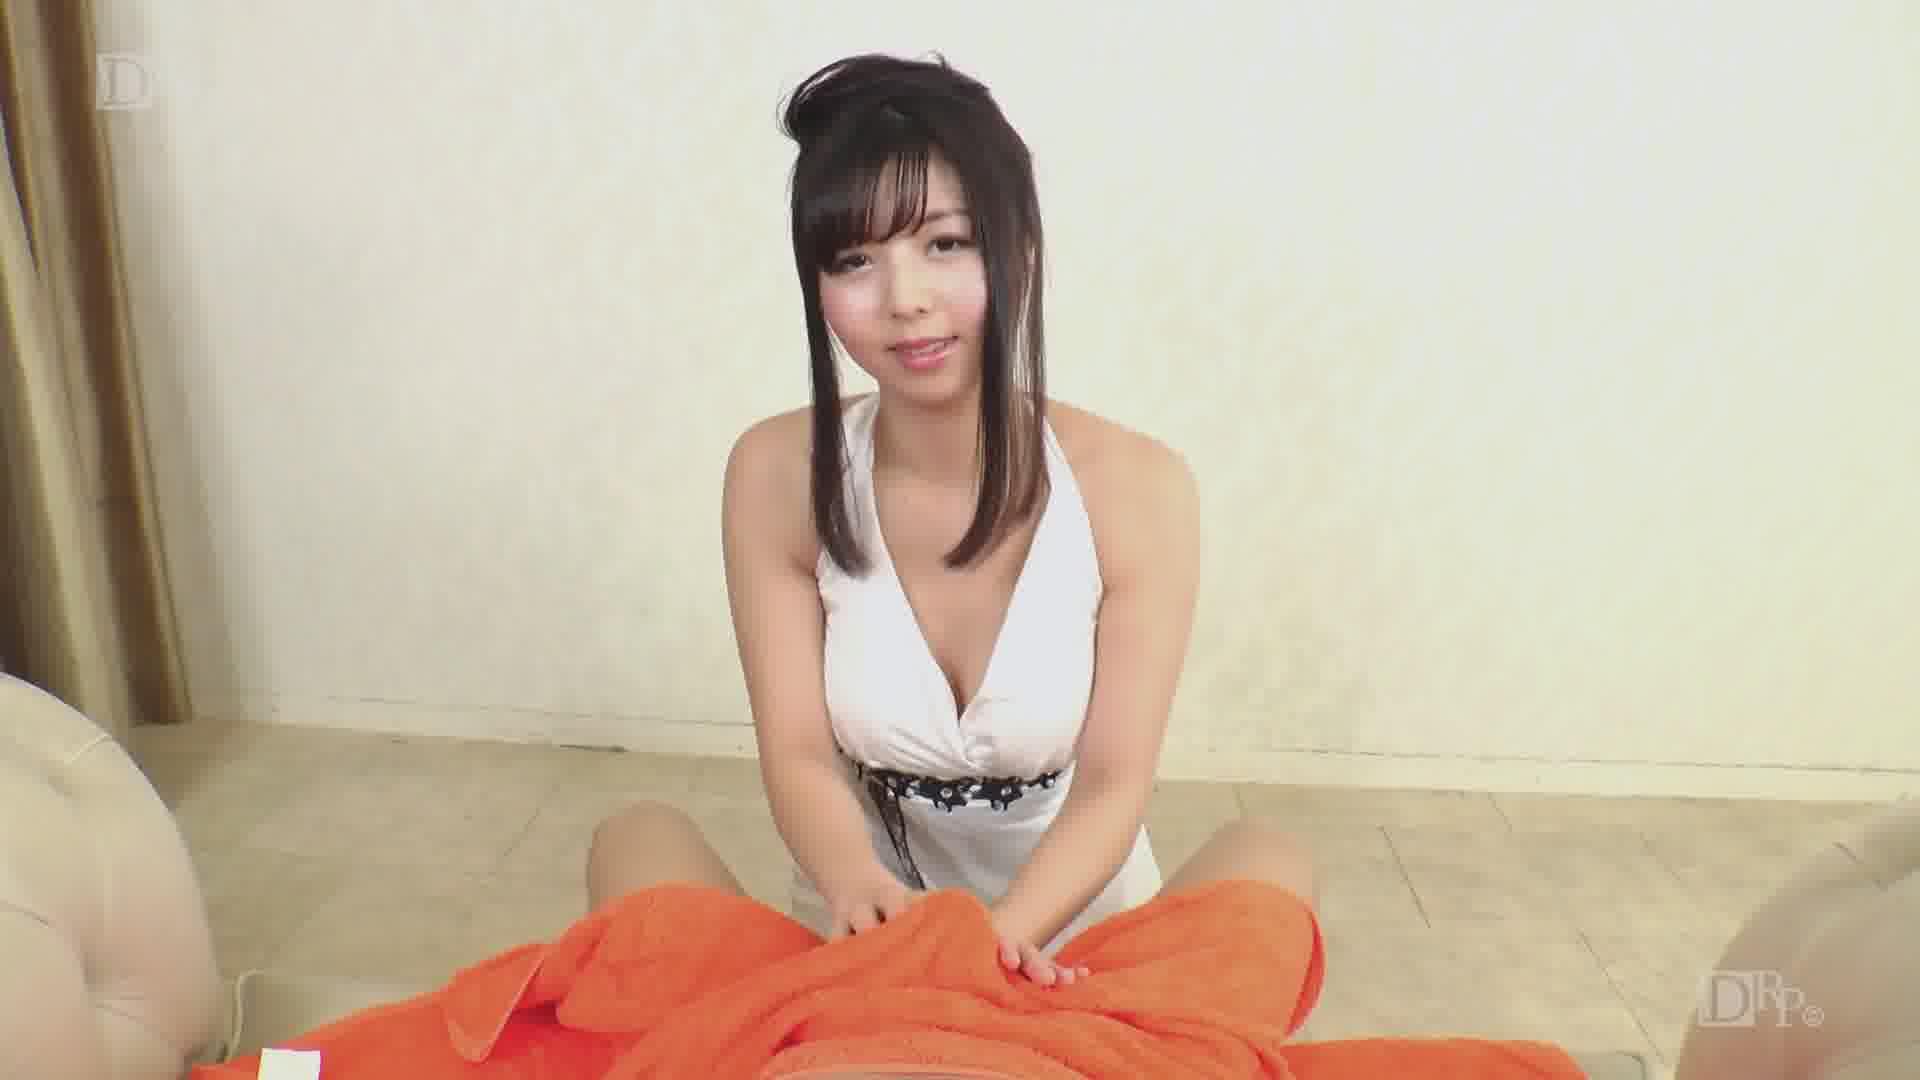 極上泡姫物語 Vol.62 - 美咲愛【パイパン・パイズリ・手コキ】